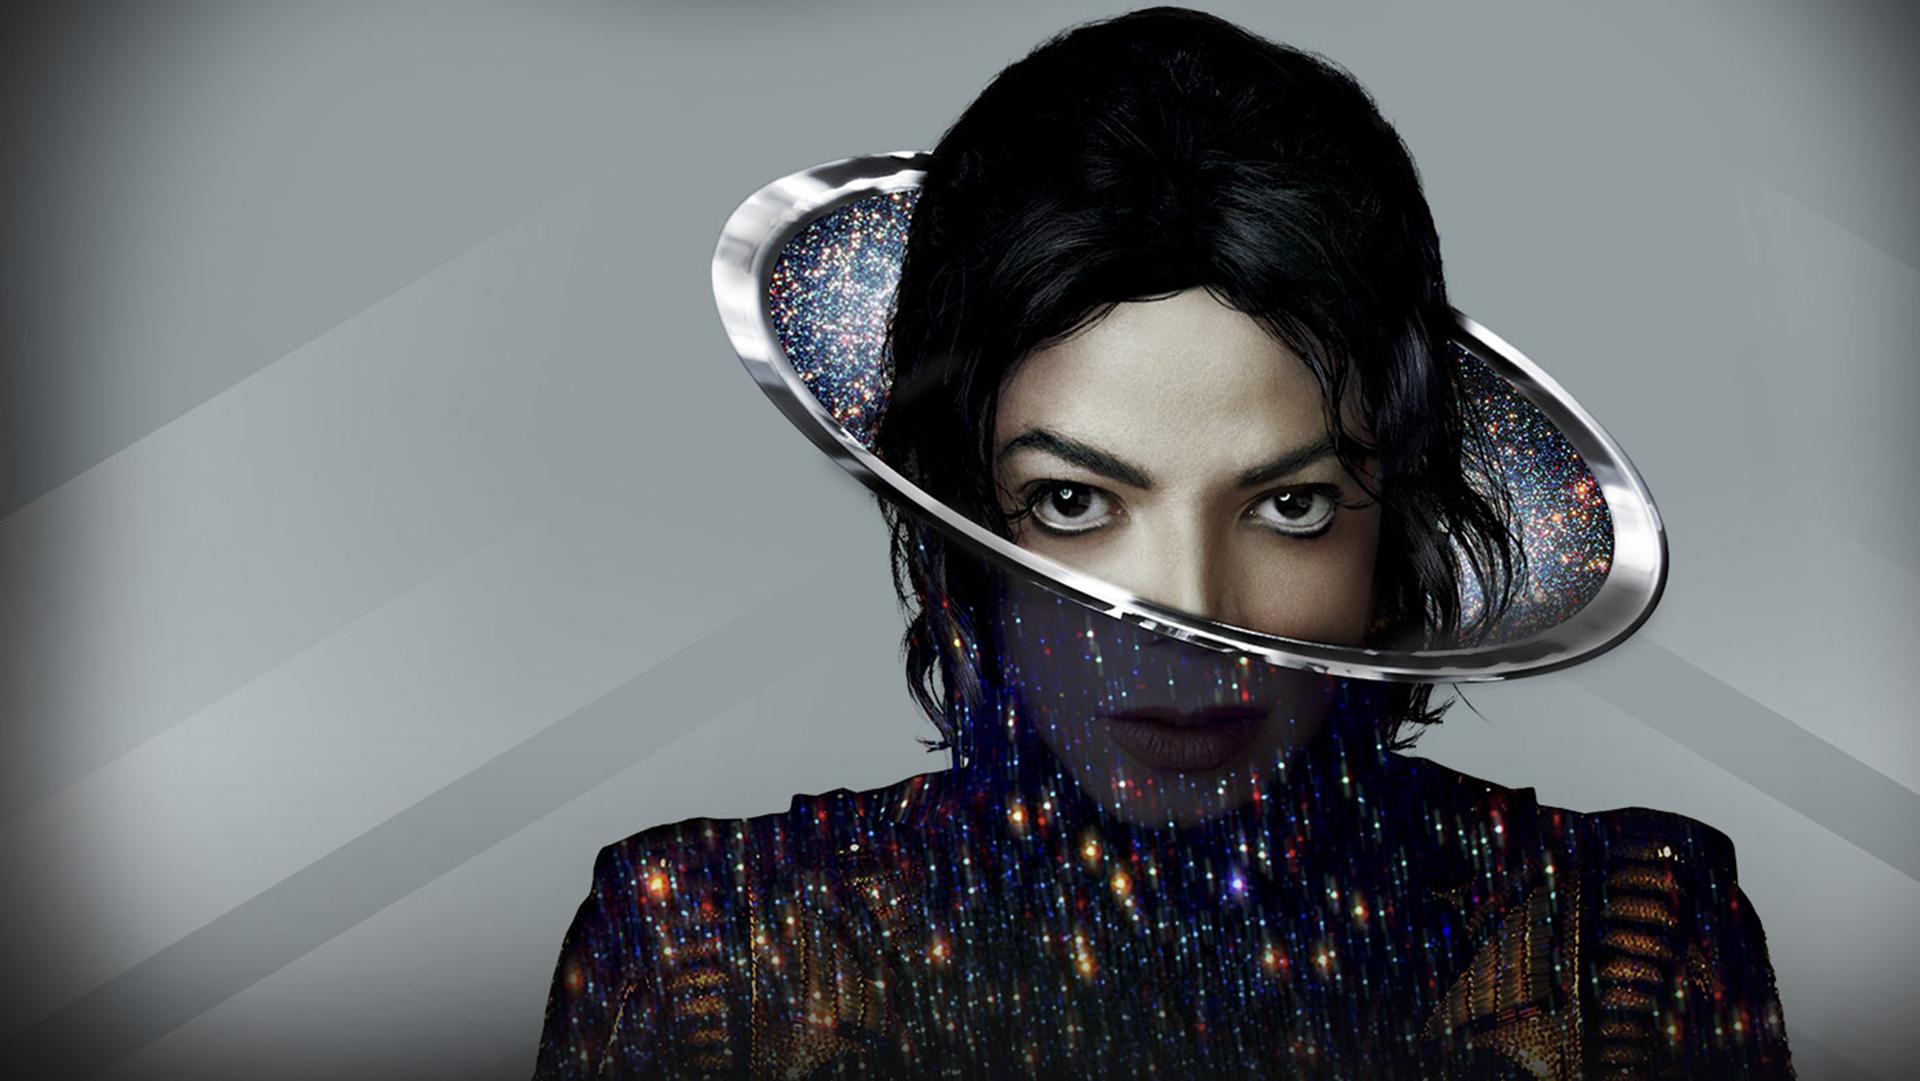 Michael Jackson Hd Wallpapers For Iphone 6 Michael Jackson Fondos De Pantalla Fondos De Escritorio